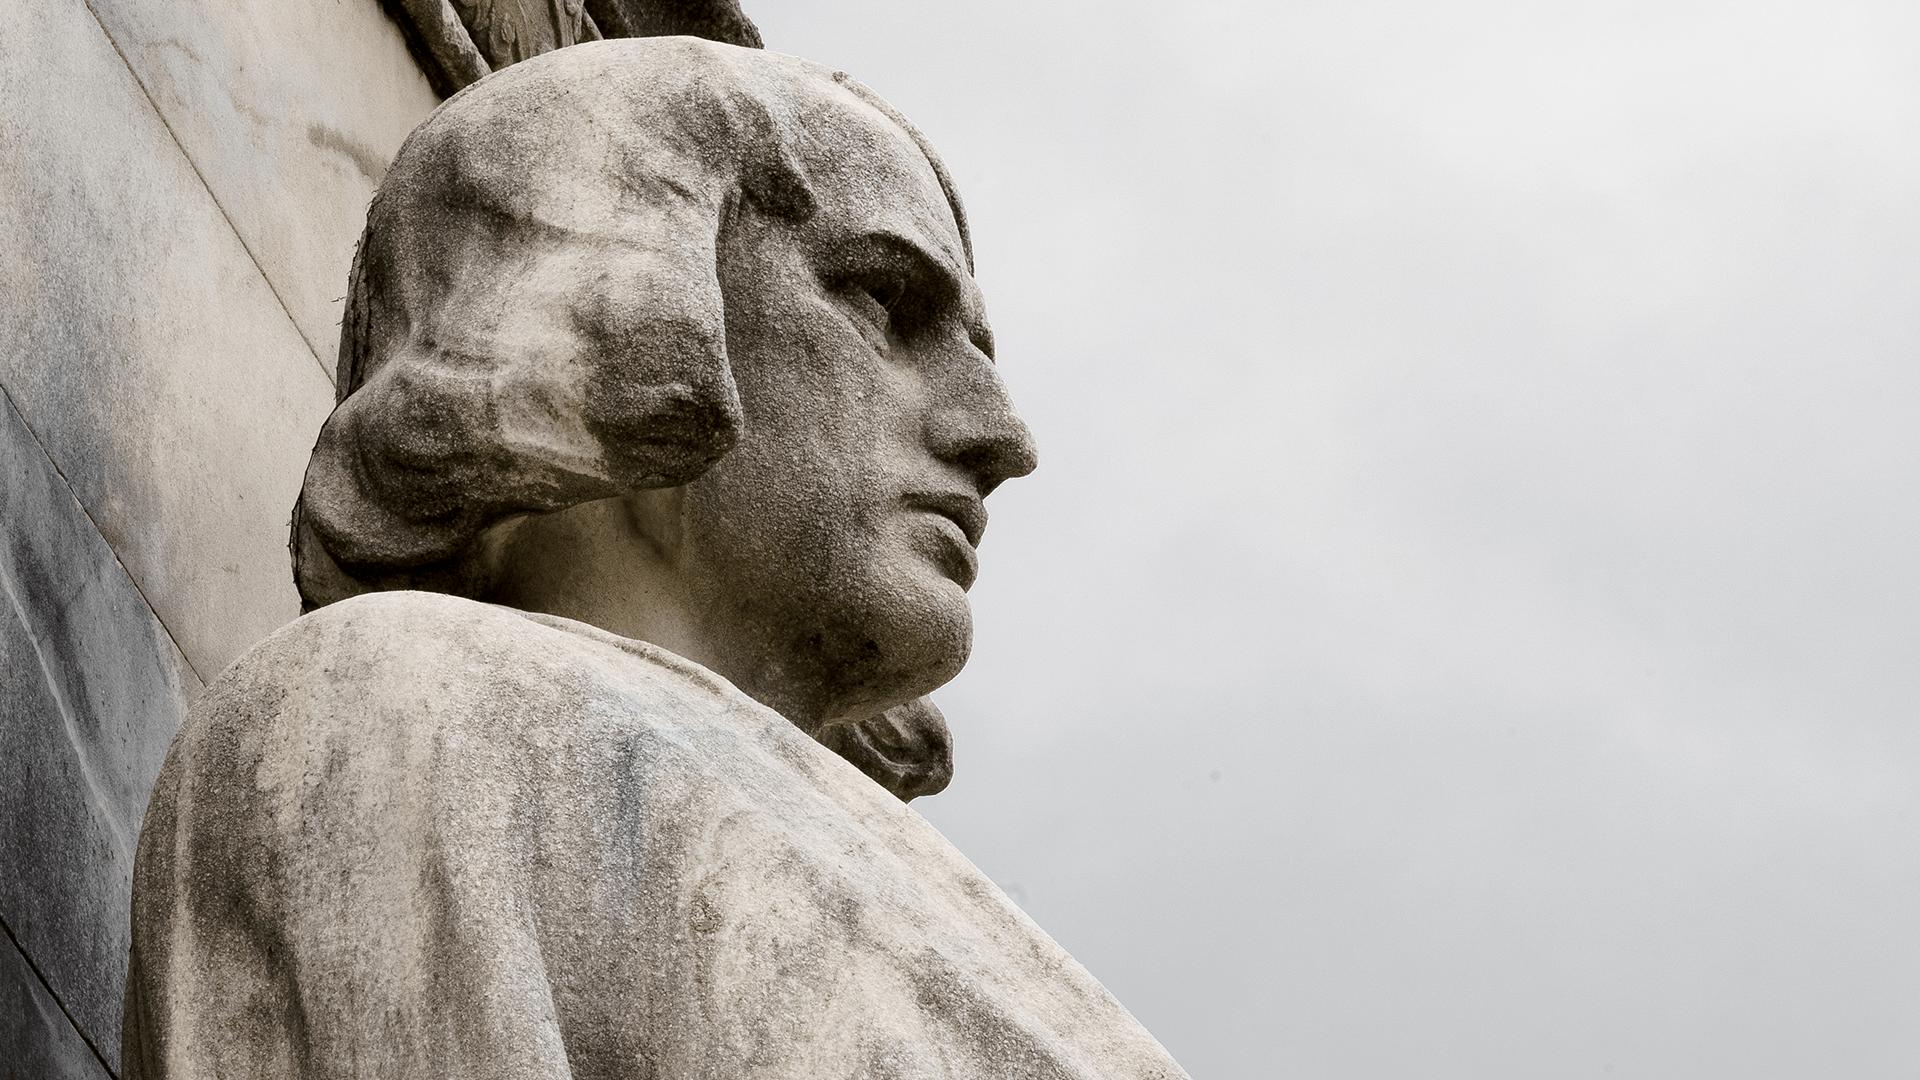 Cristoforo Colombo, l'uomo che scoprì l'America (e la modernità)